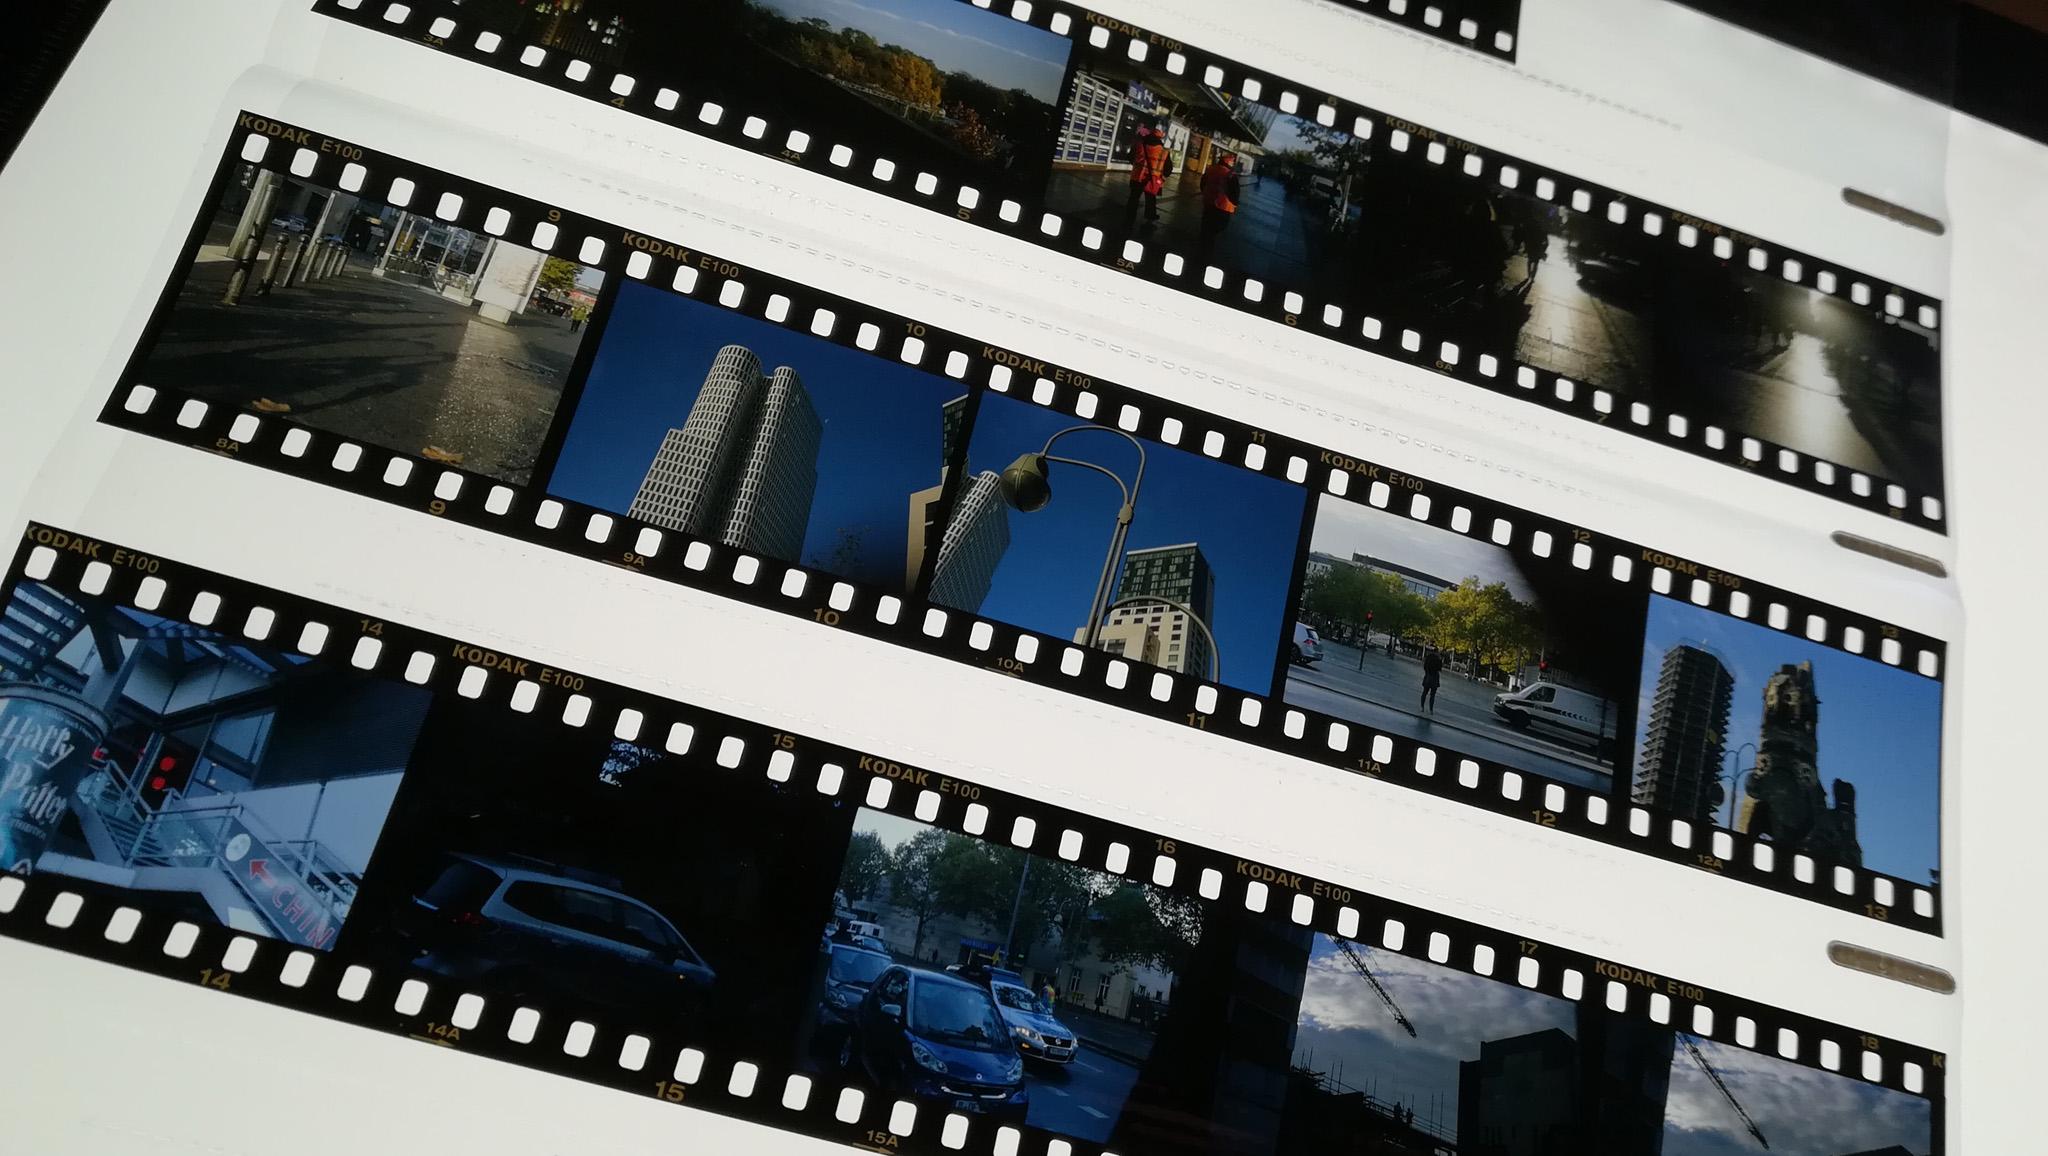 Kodak Ektachrome: So sehen die Ergebnisse aus!